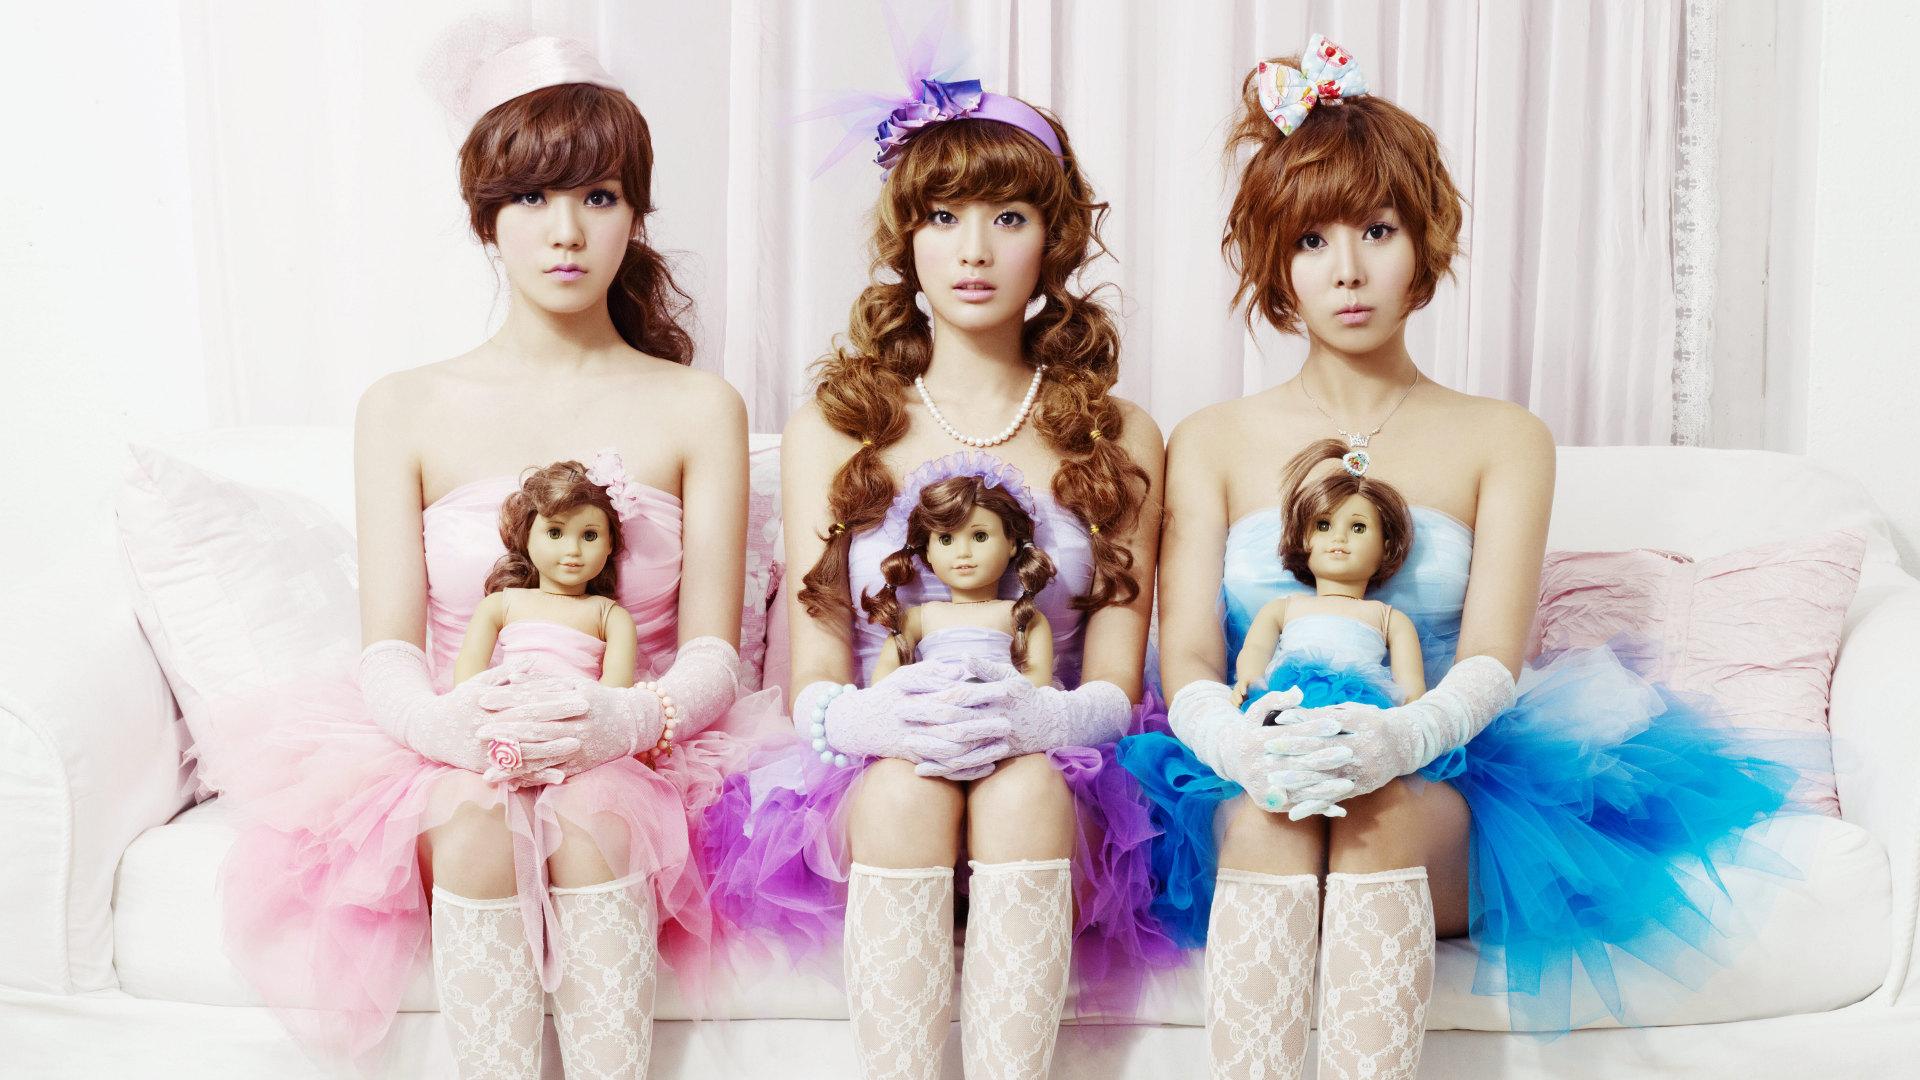 Orange Caramel (K-pop, female group) Orange-caramel-4e9d5a1e458ef